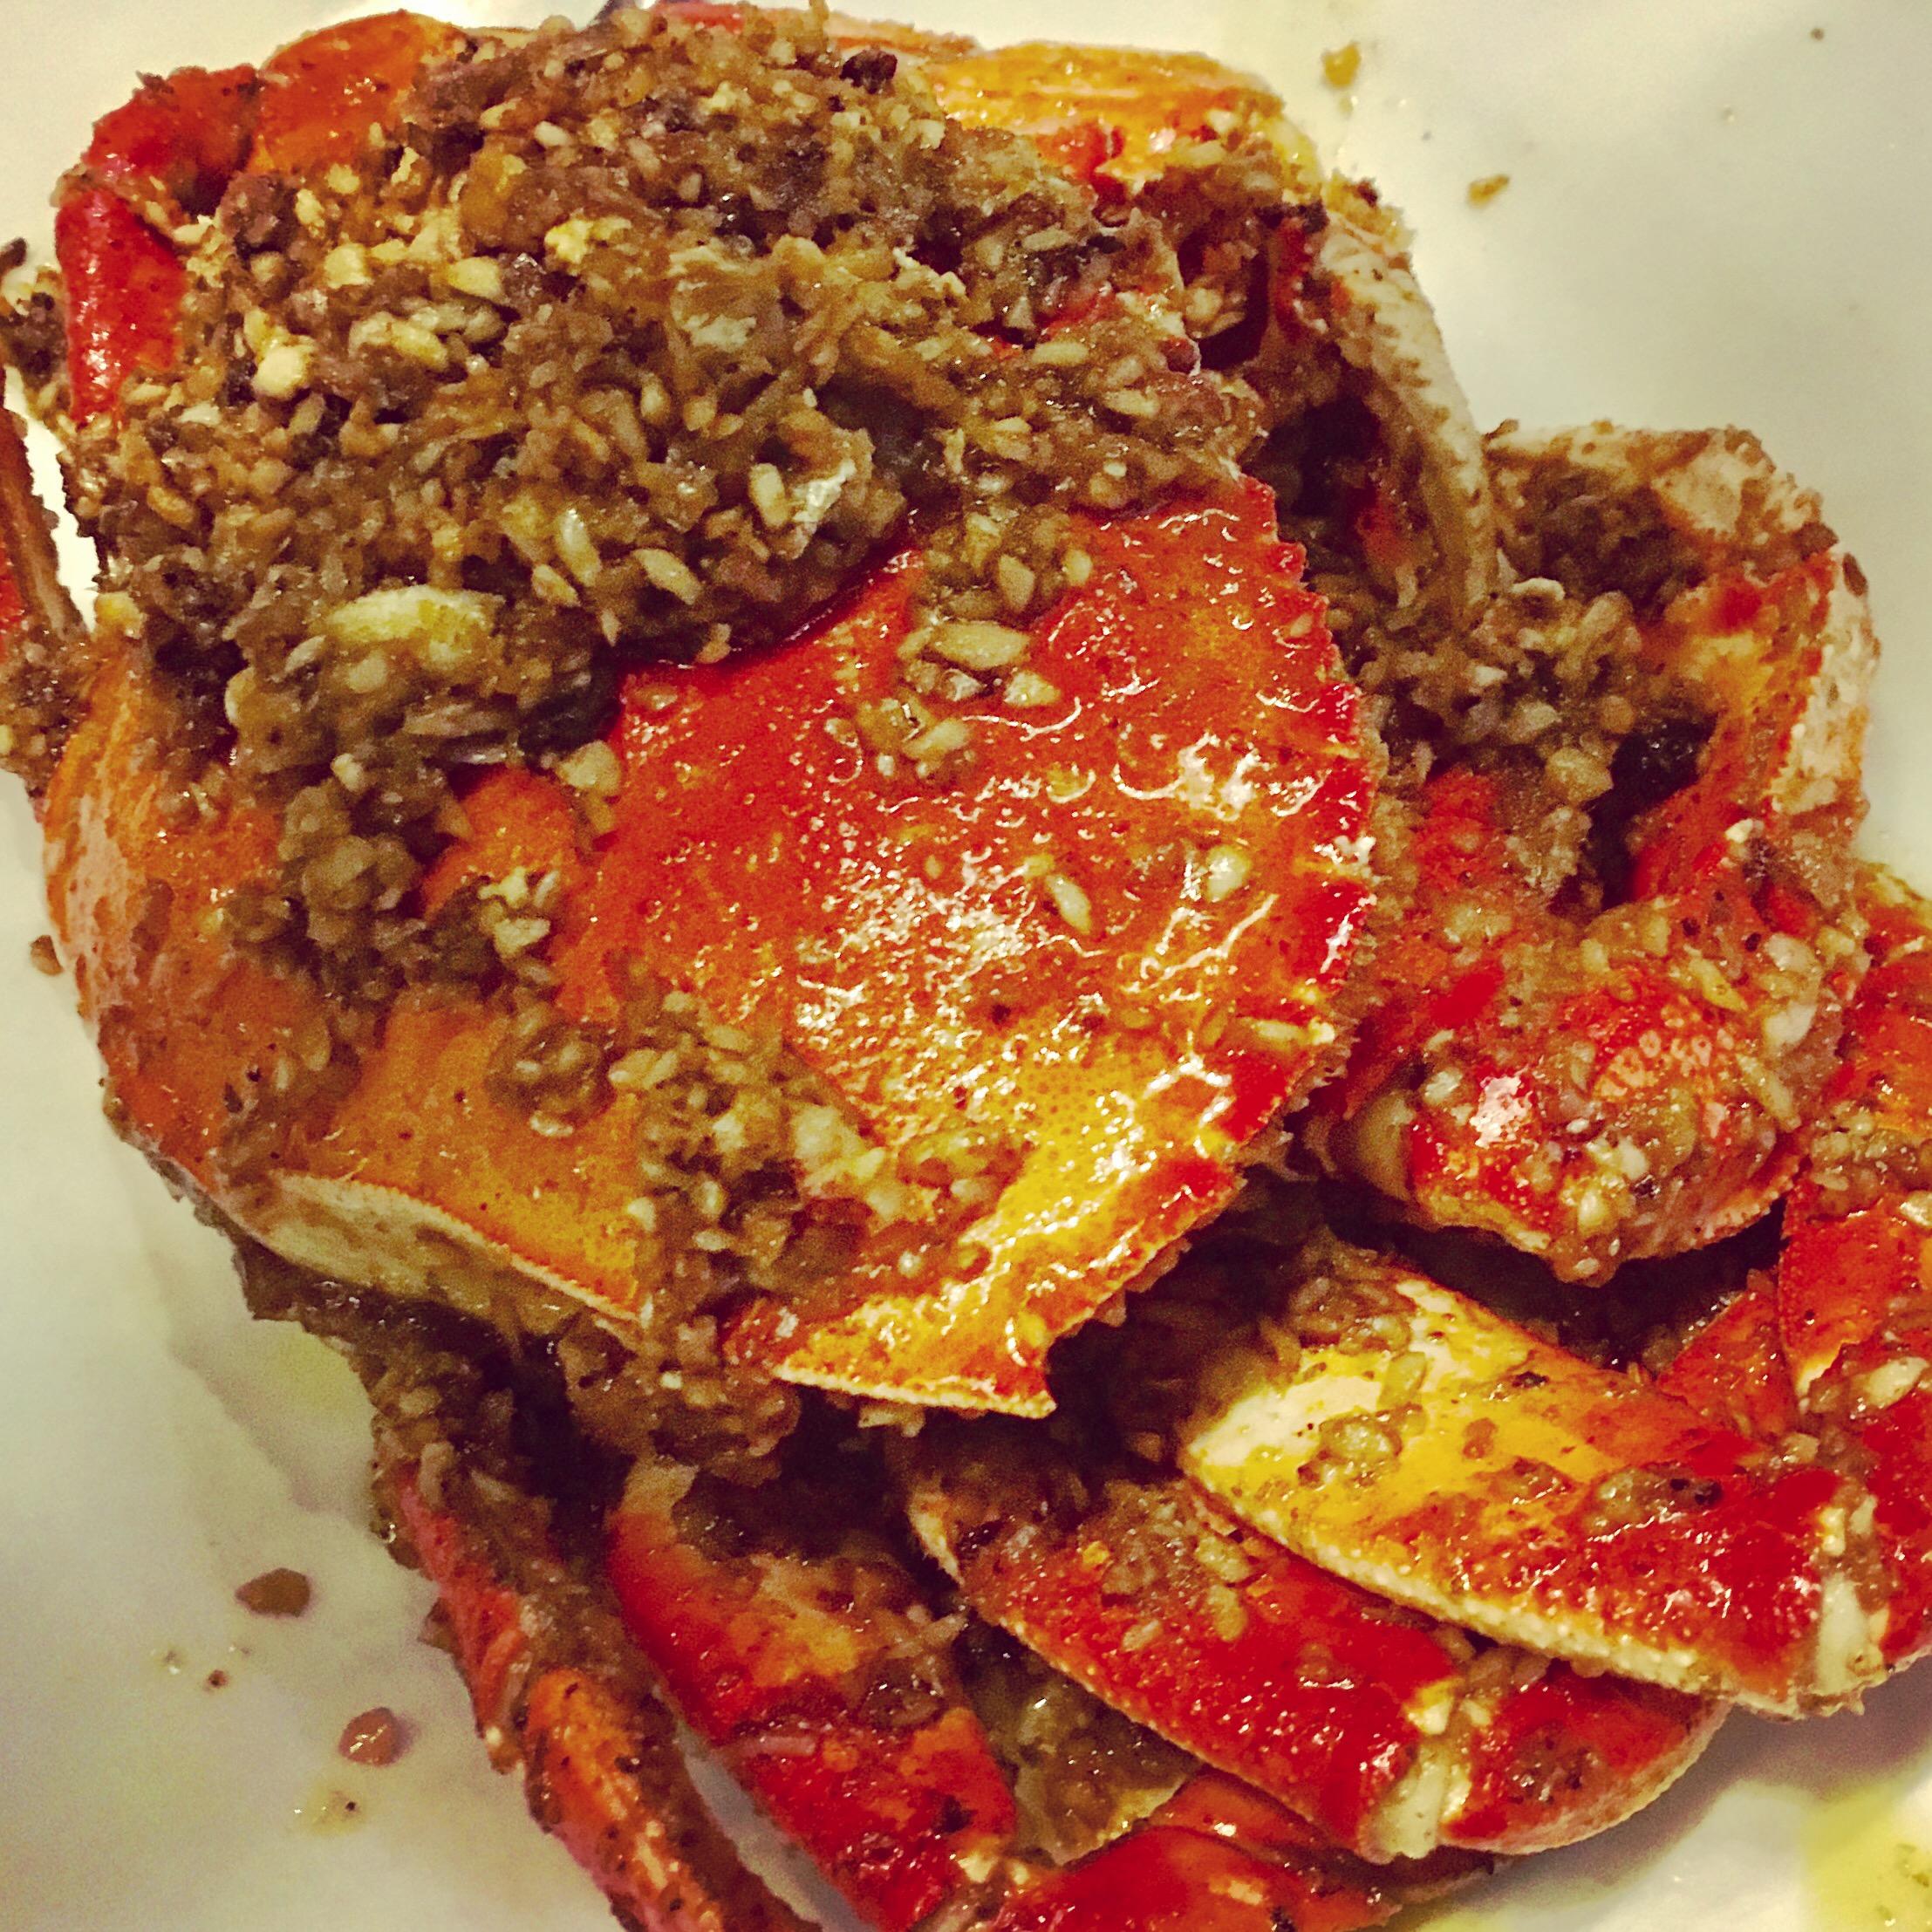 Drunken Crab with Garlic Butter